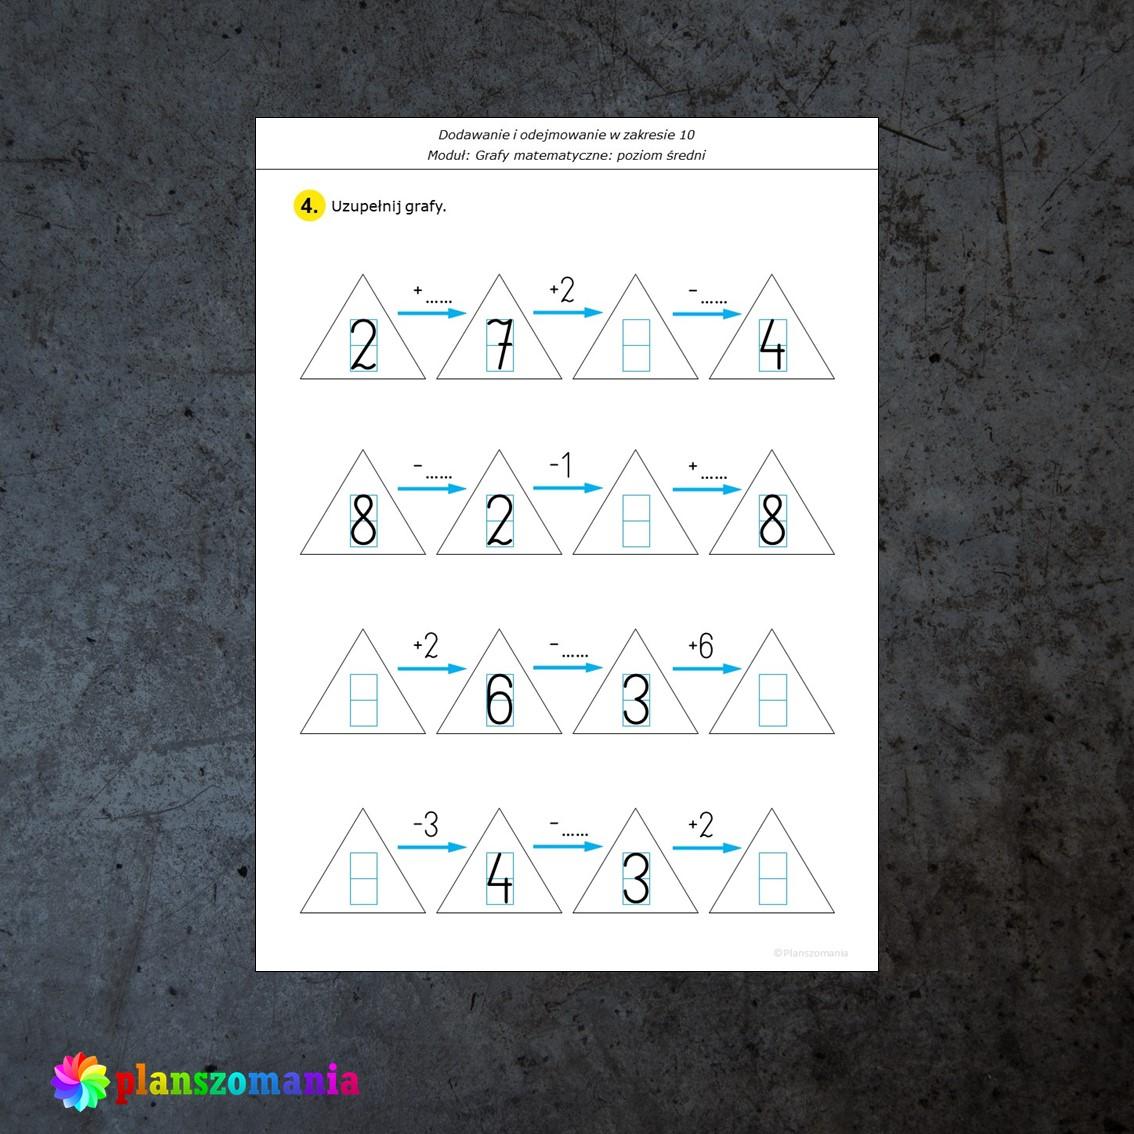 grafy matematyczne dodawanie i odejmowanie karty pracy edukacja matematyczna pomoce edukacyjne szkoła podstawowa pdf do druku planszomania